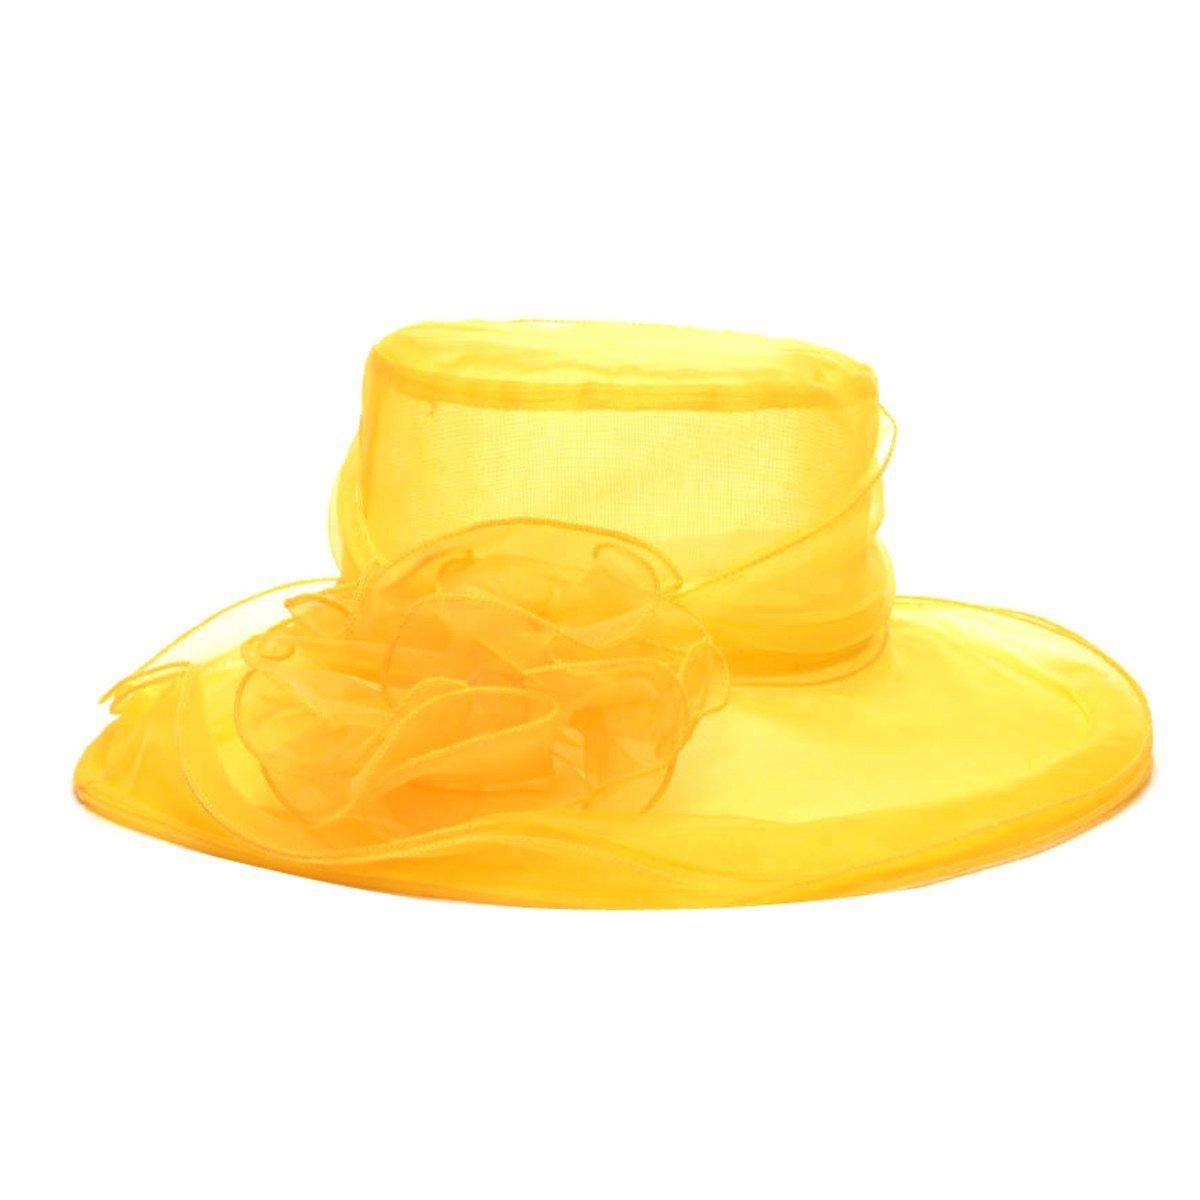 con Tocado de Flores para la Iglesia ZUMUii Sombreros Butterme de Mujer de tama/ño Grande de Kentucky Derby para el Sol ala Ancha y Tocado de Gasa Amarillo Amarillo